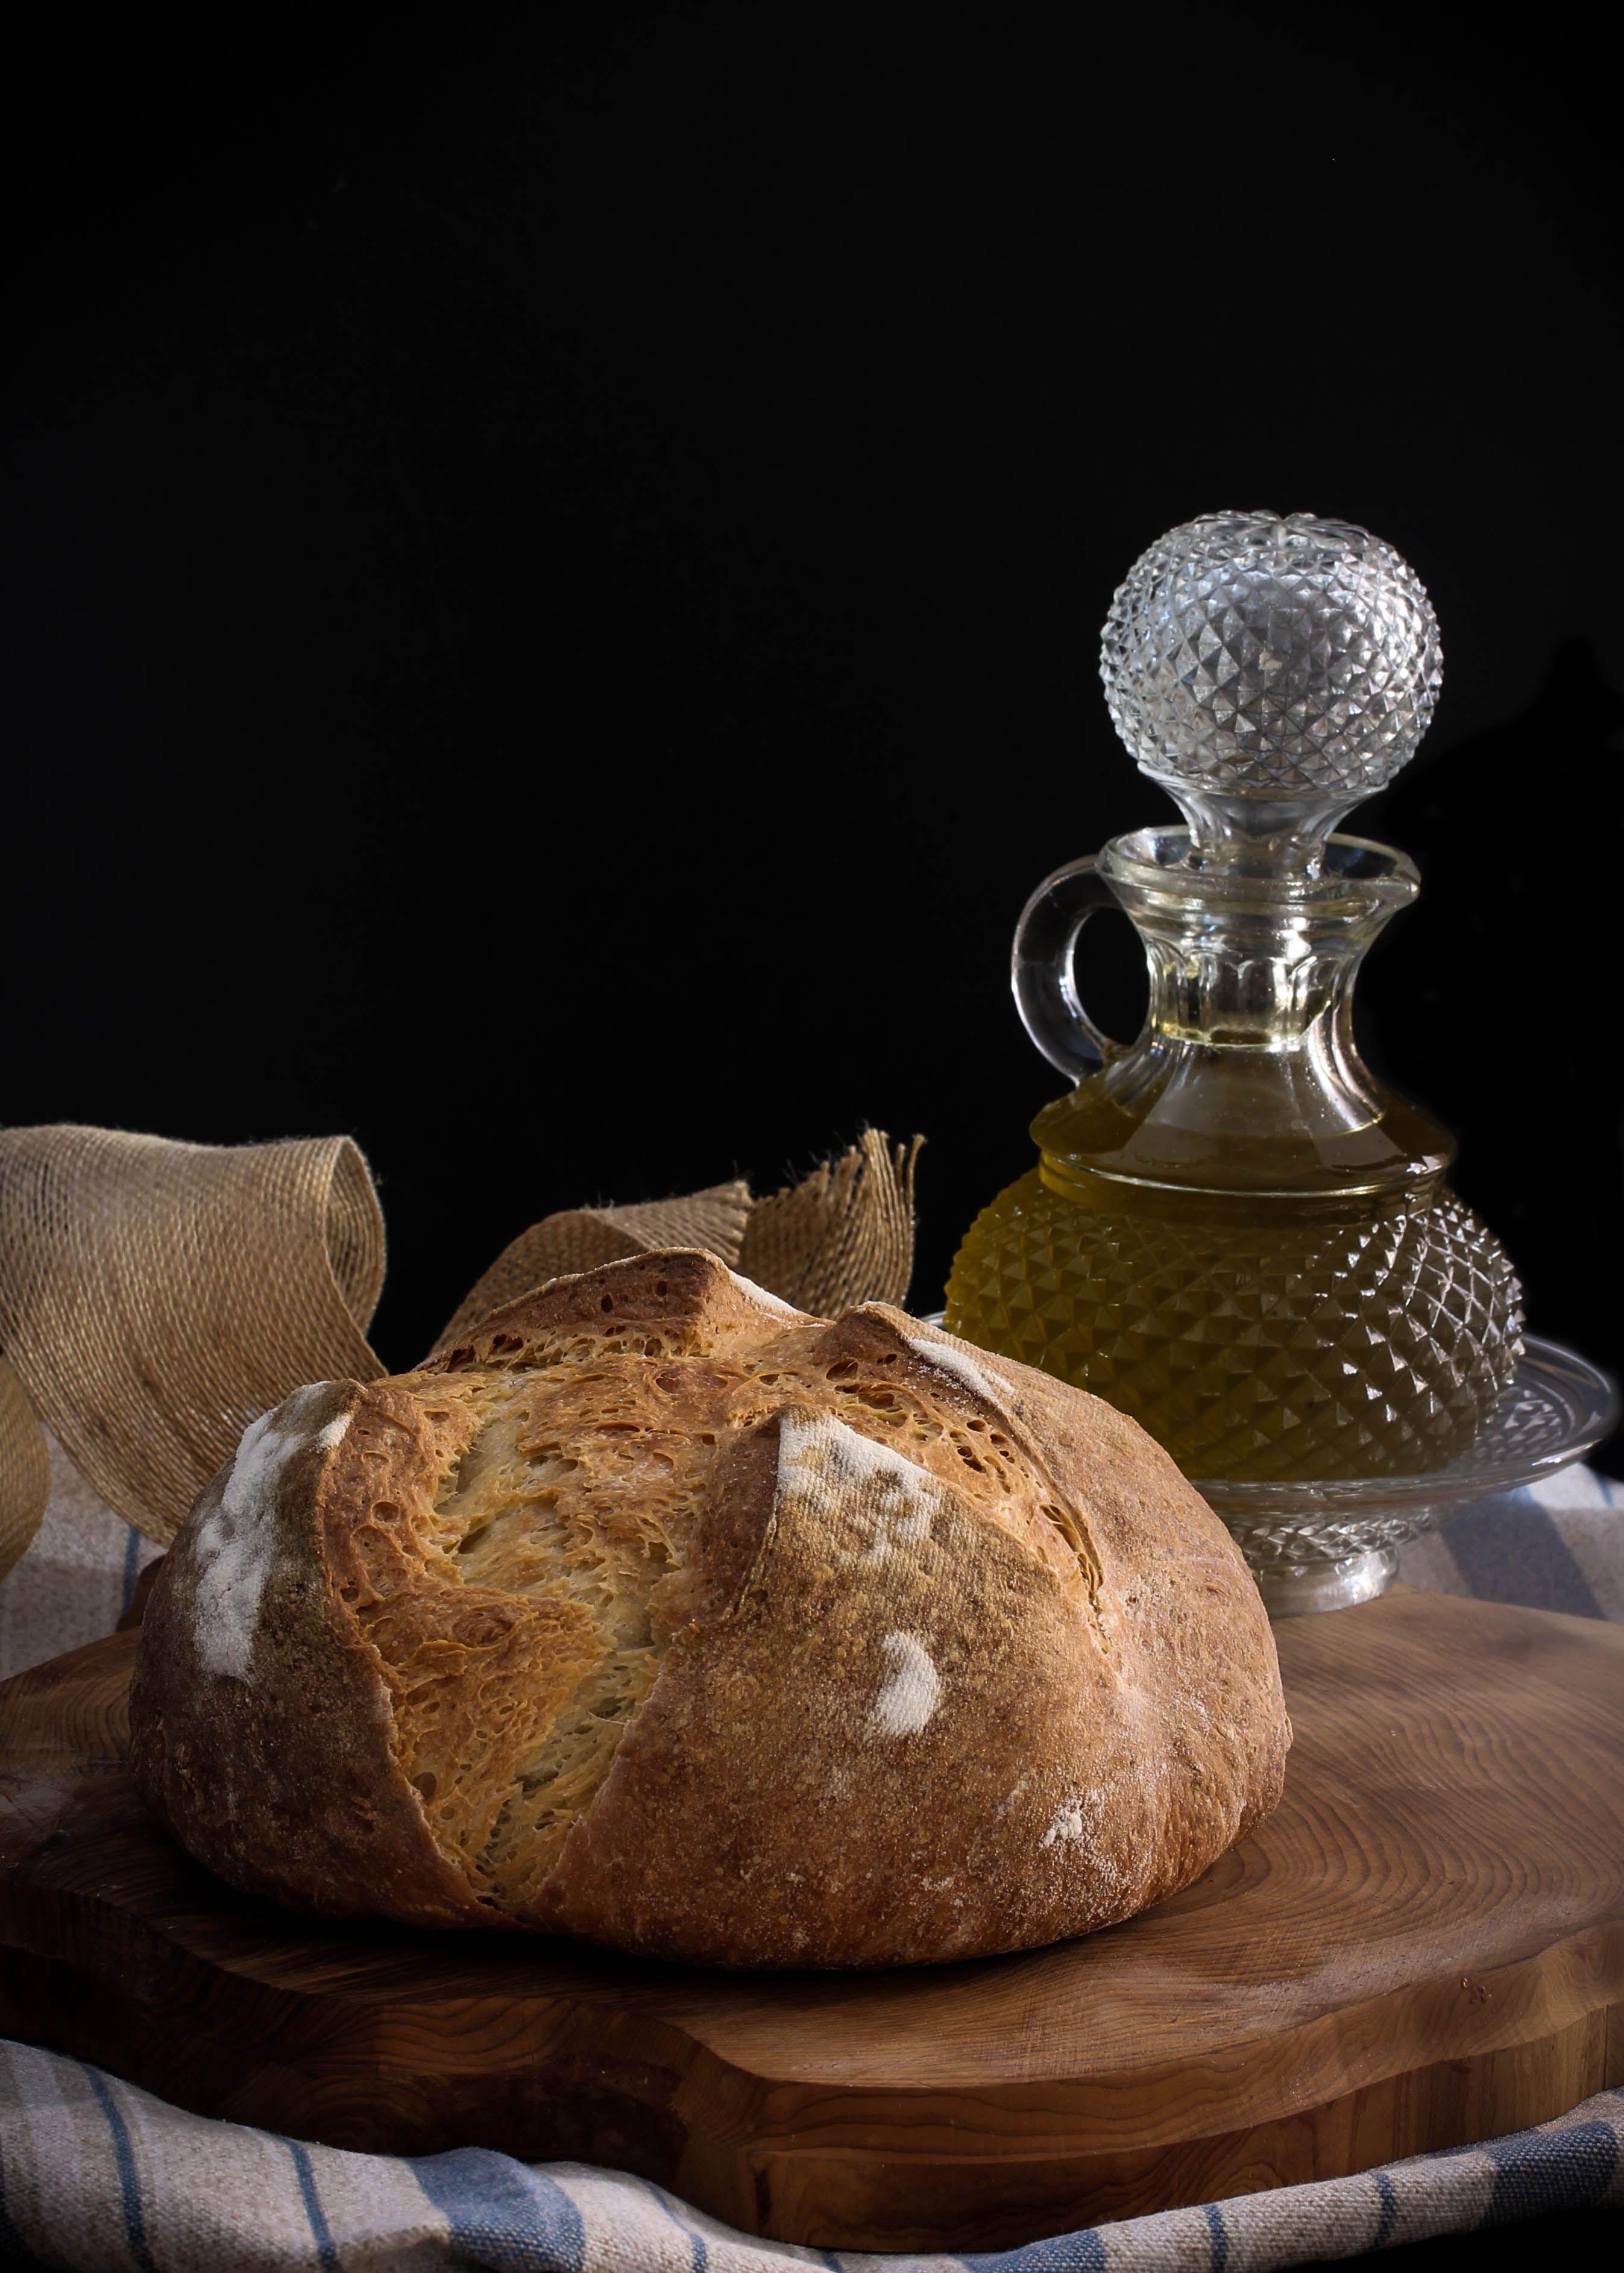 Pan de masa madre 'fraudulenta'